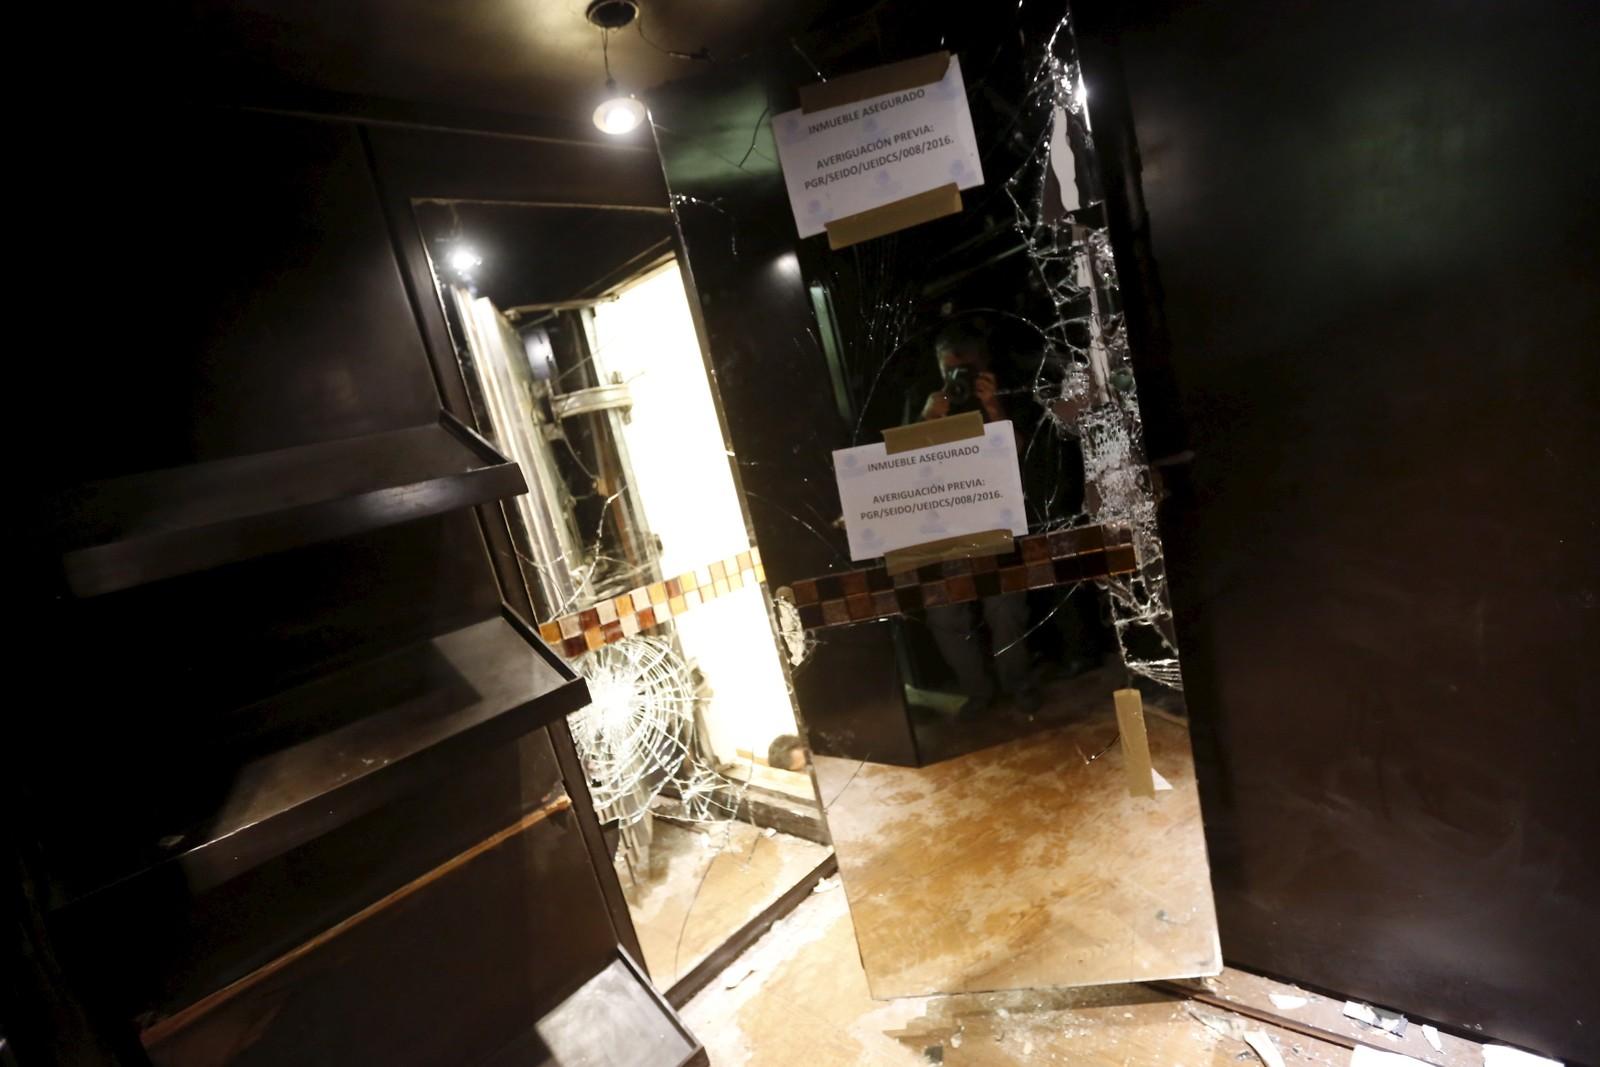 Bak denne speildøra var det en hemmelig luke som ledet til en tunnel under huset.